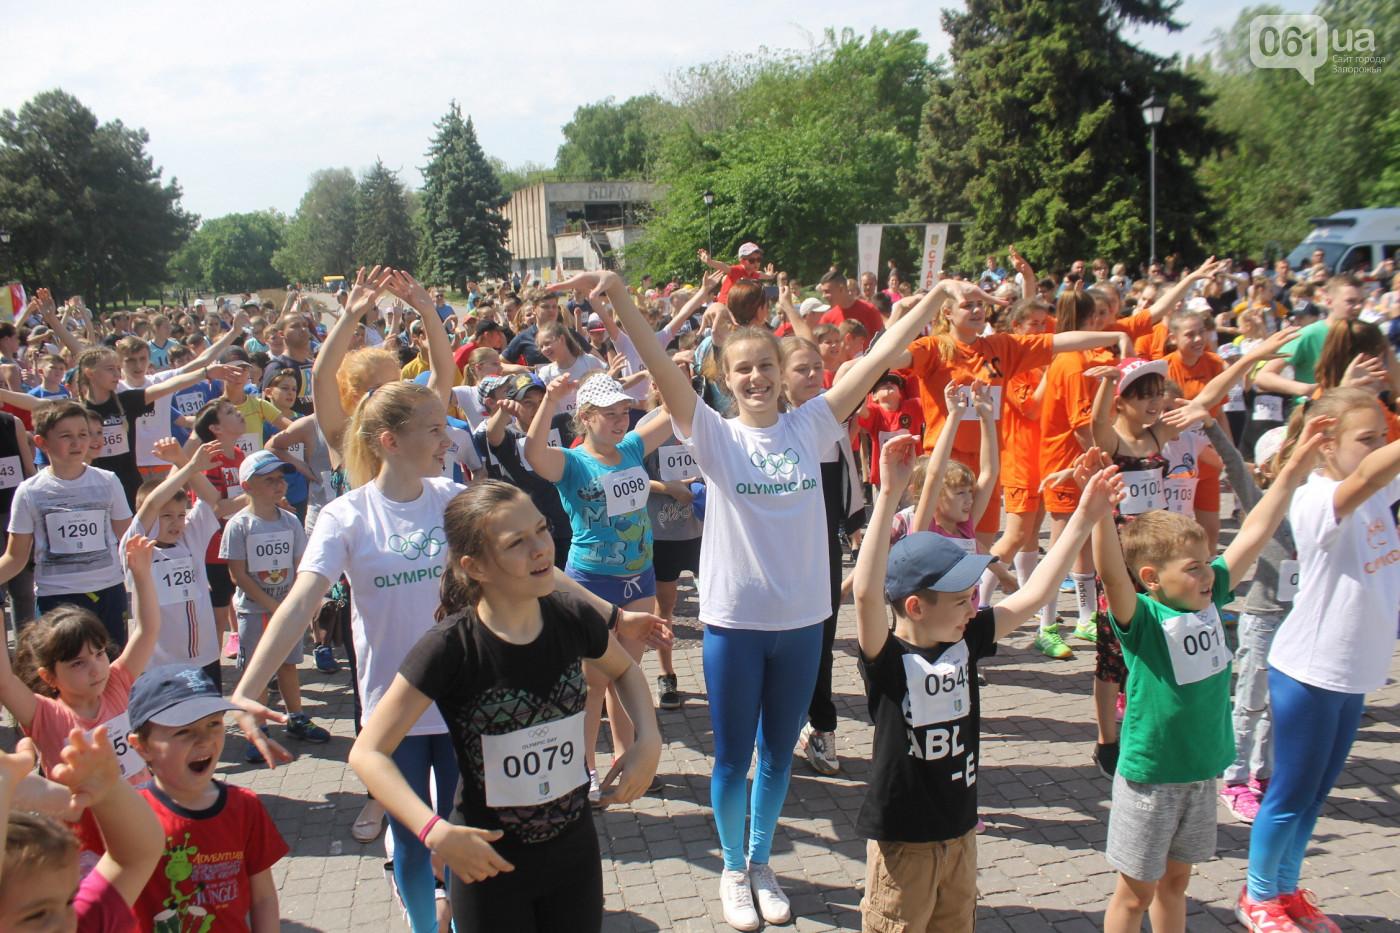 Сотни запорожцев приняли участие в широкомасштабном спортивном празднике - ФОТО